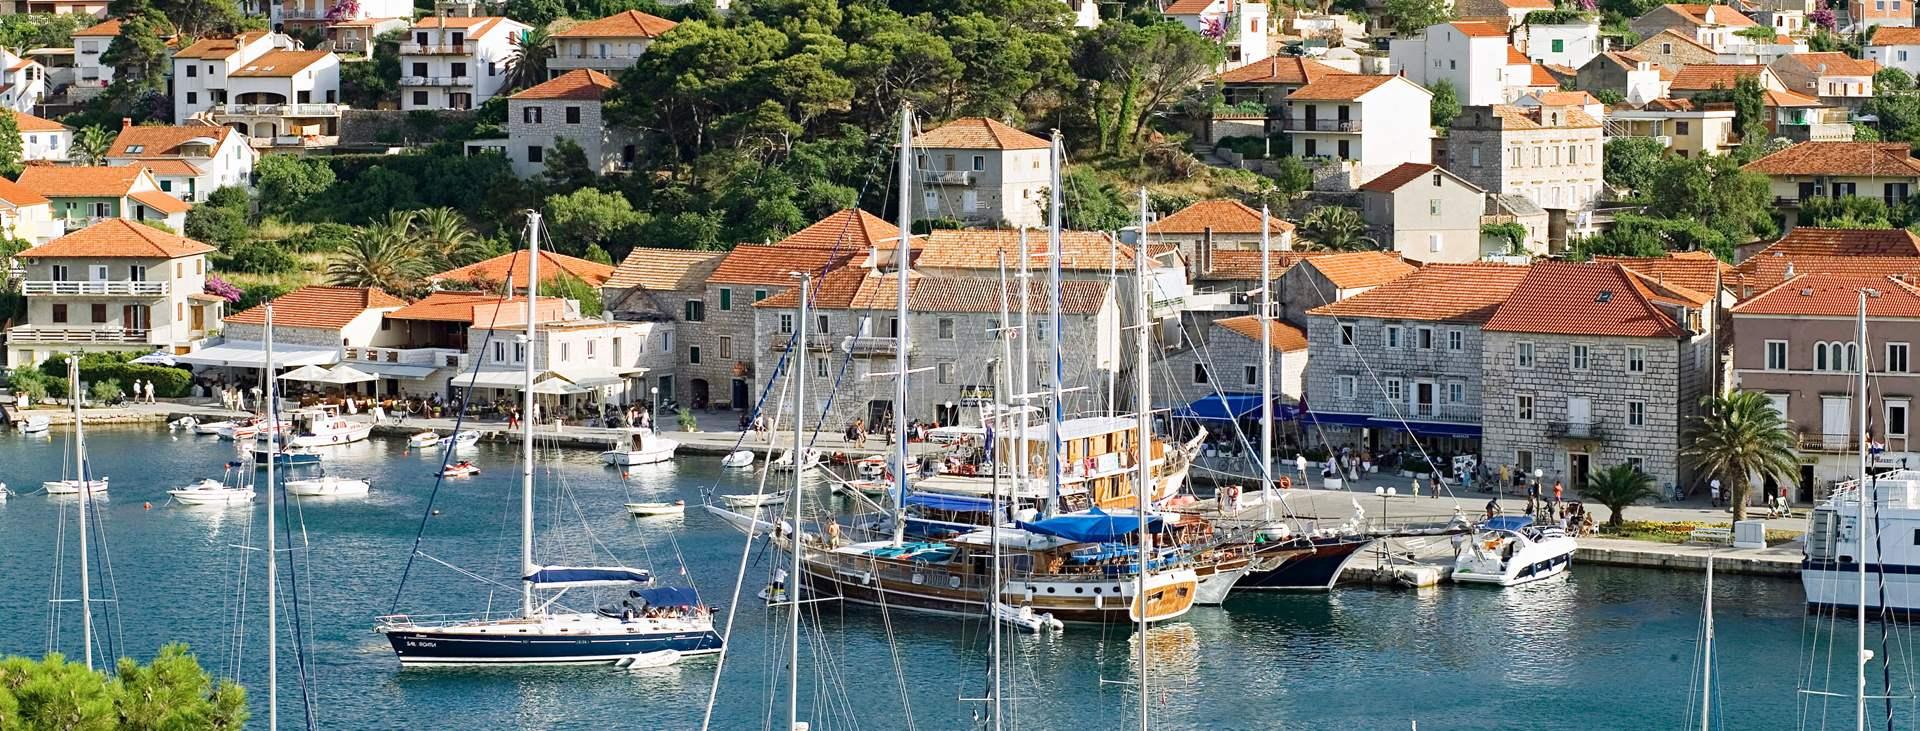 Reiser til Jelsa på øya Hvar i Kroatia